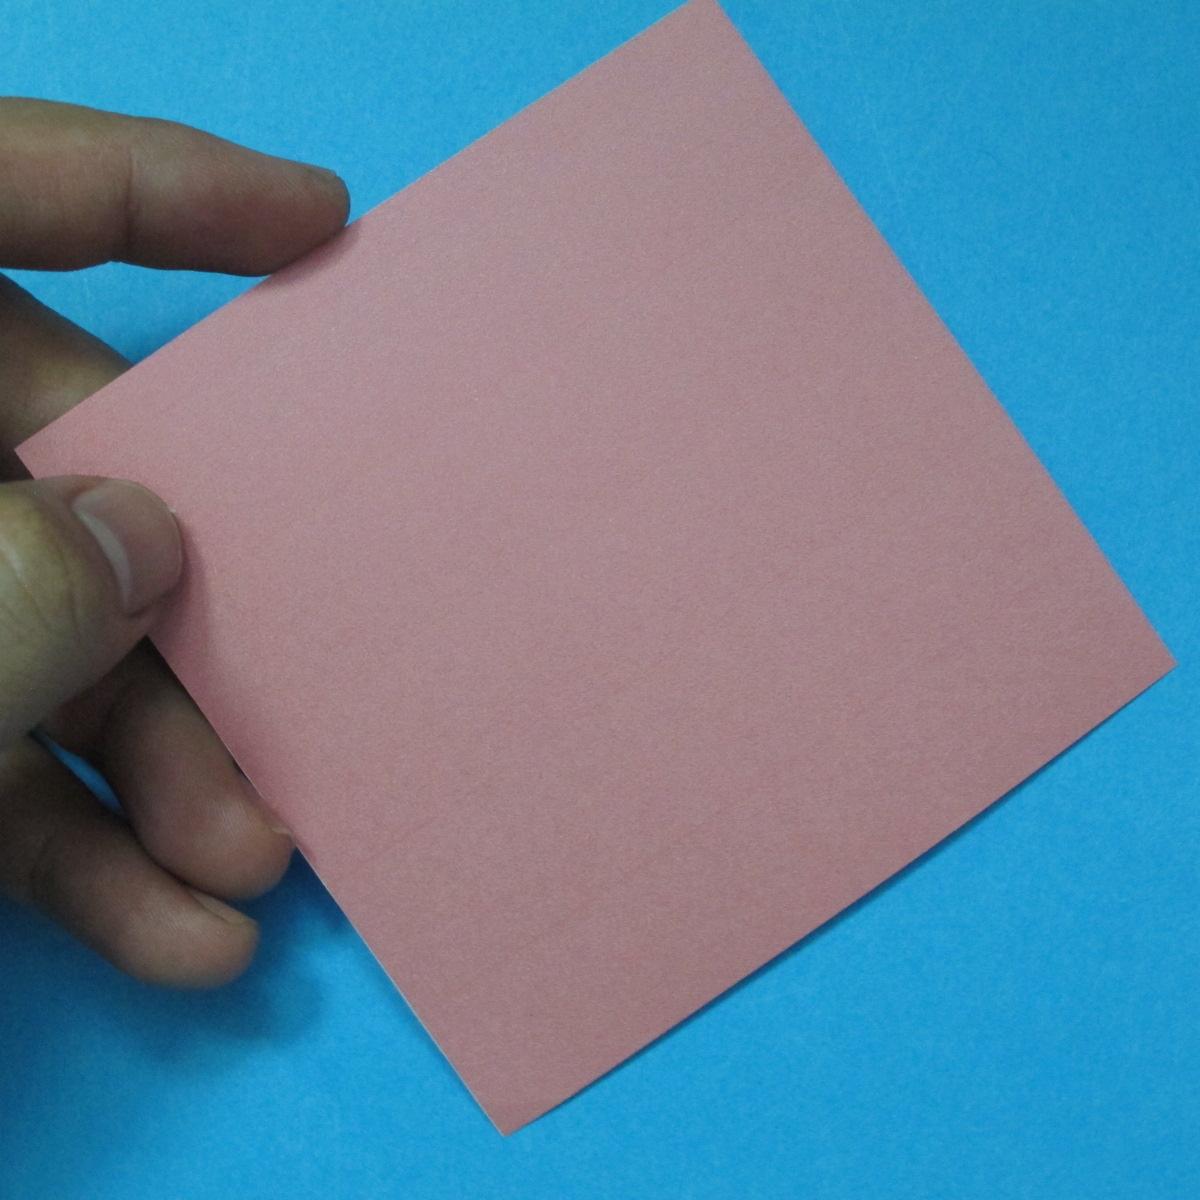 วิธีการพับกระดาษเป็นดอกไม้แปดกลีบ 001